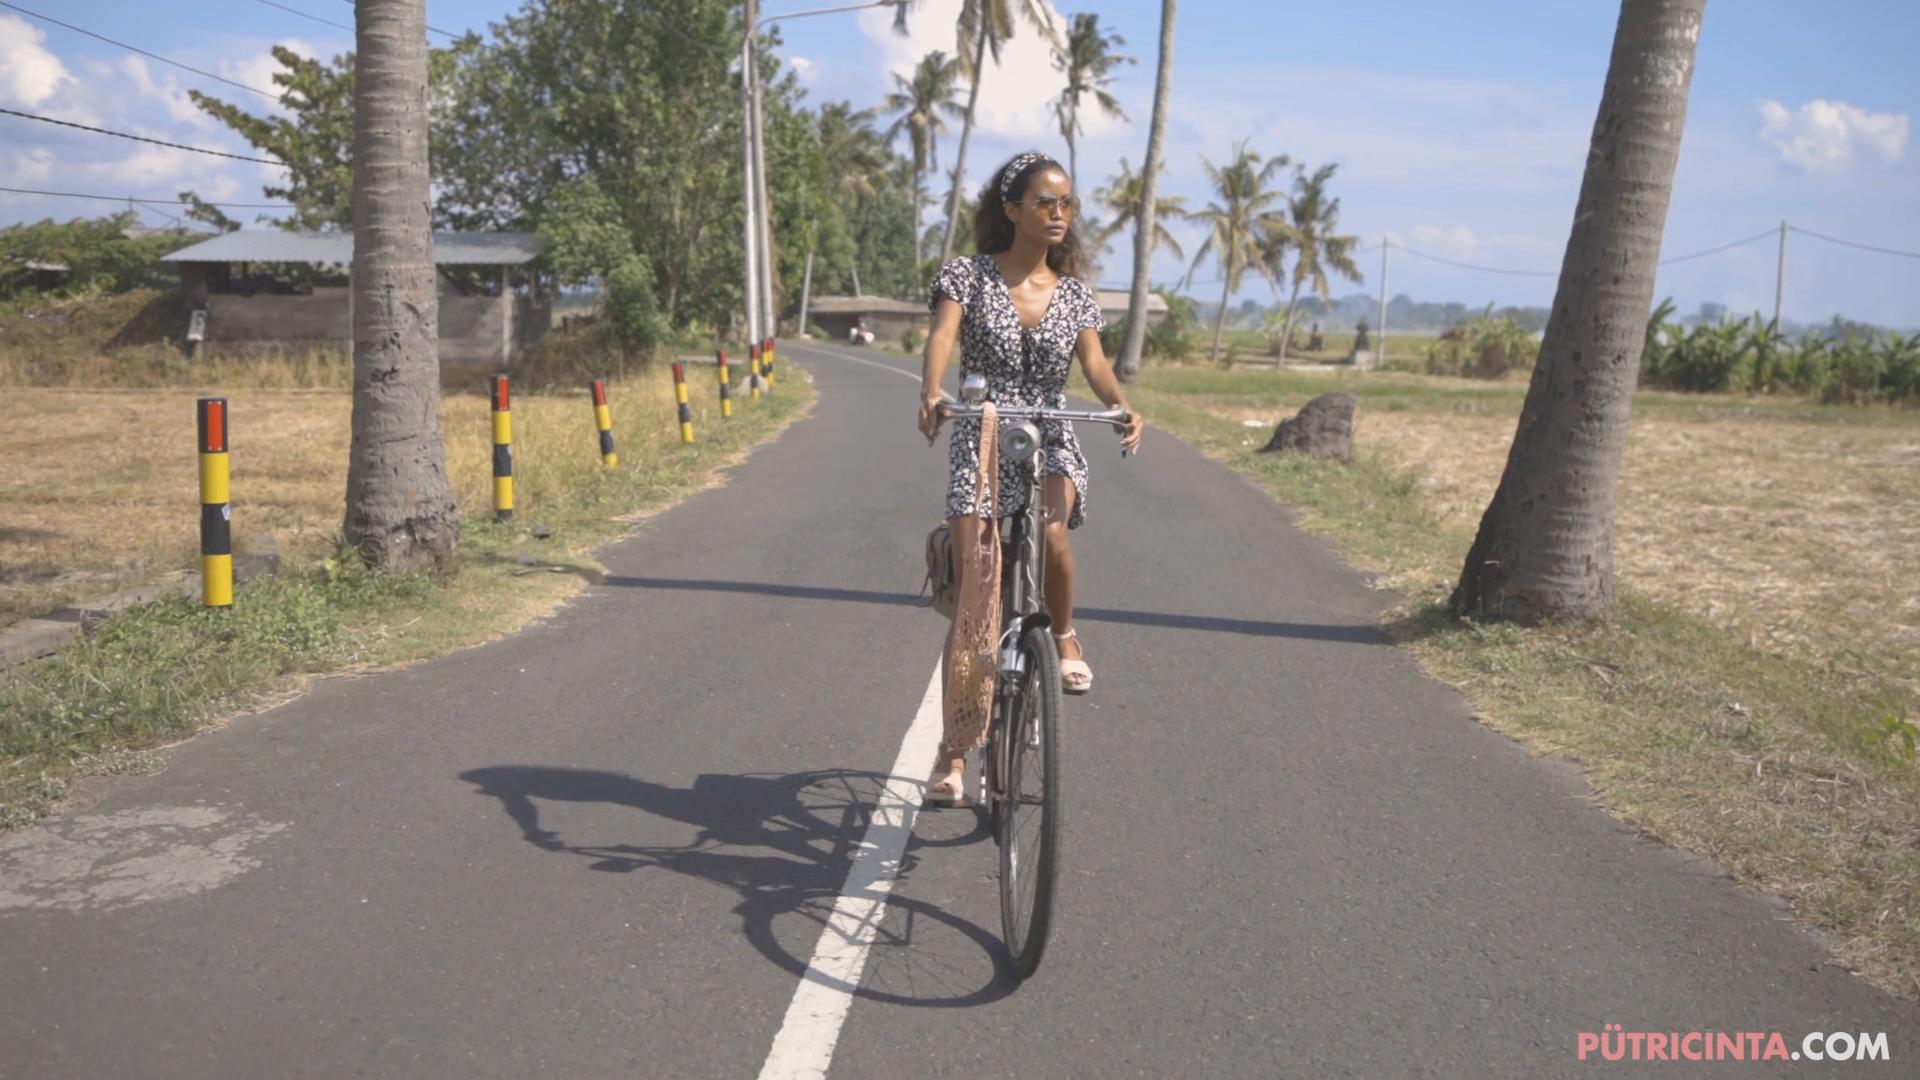 024-cyclingcommando-Putri-Cinta-BTS-stills-15.jpg